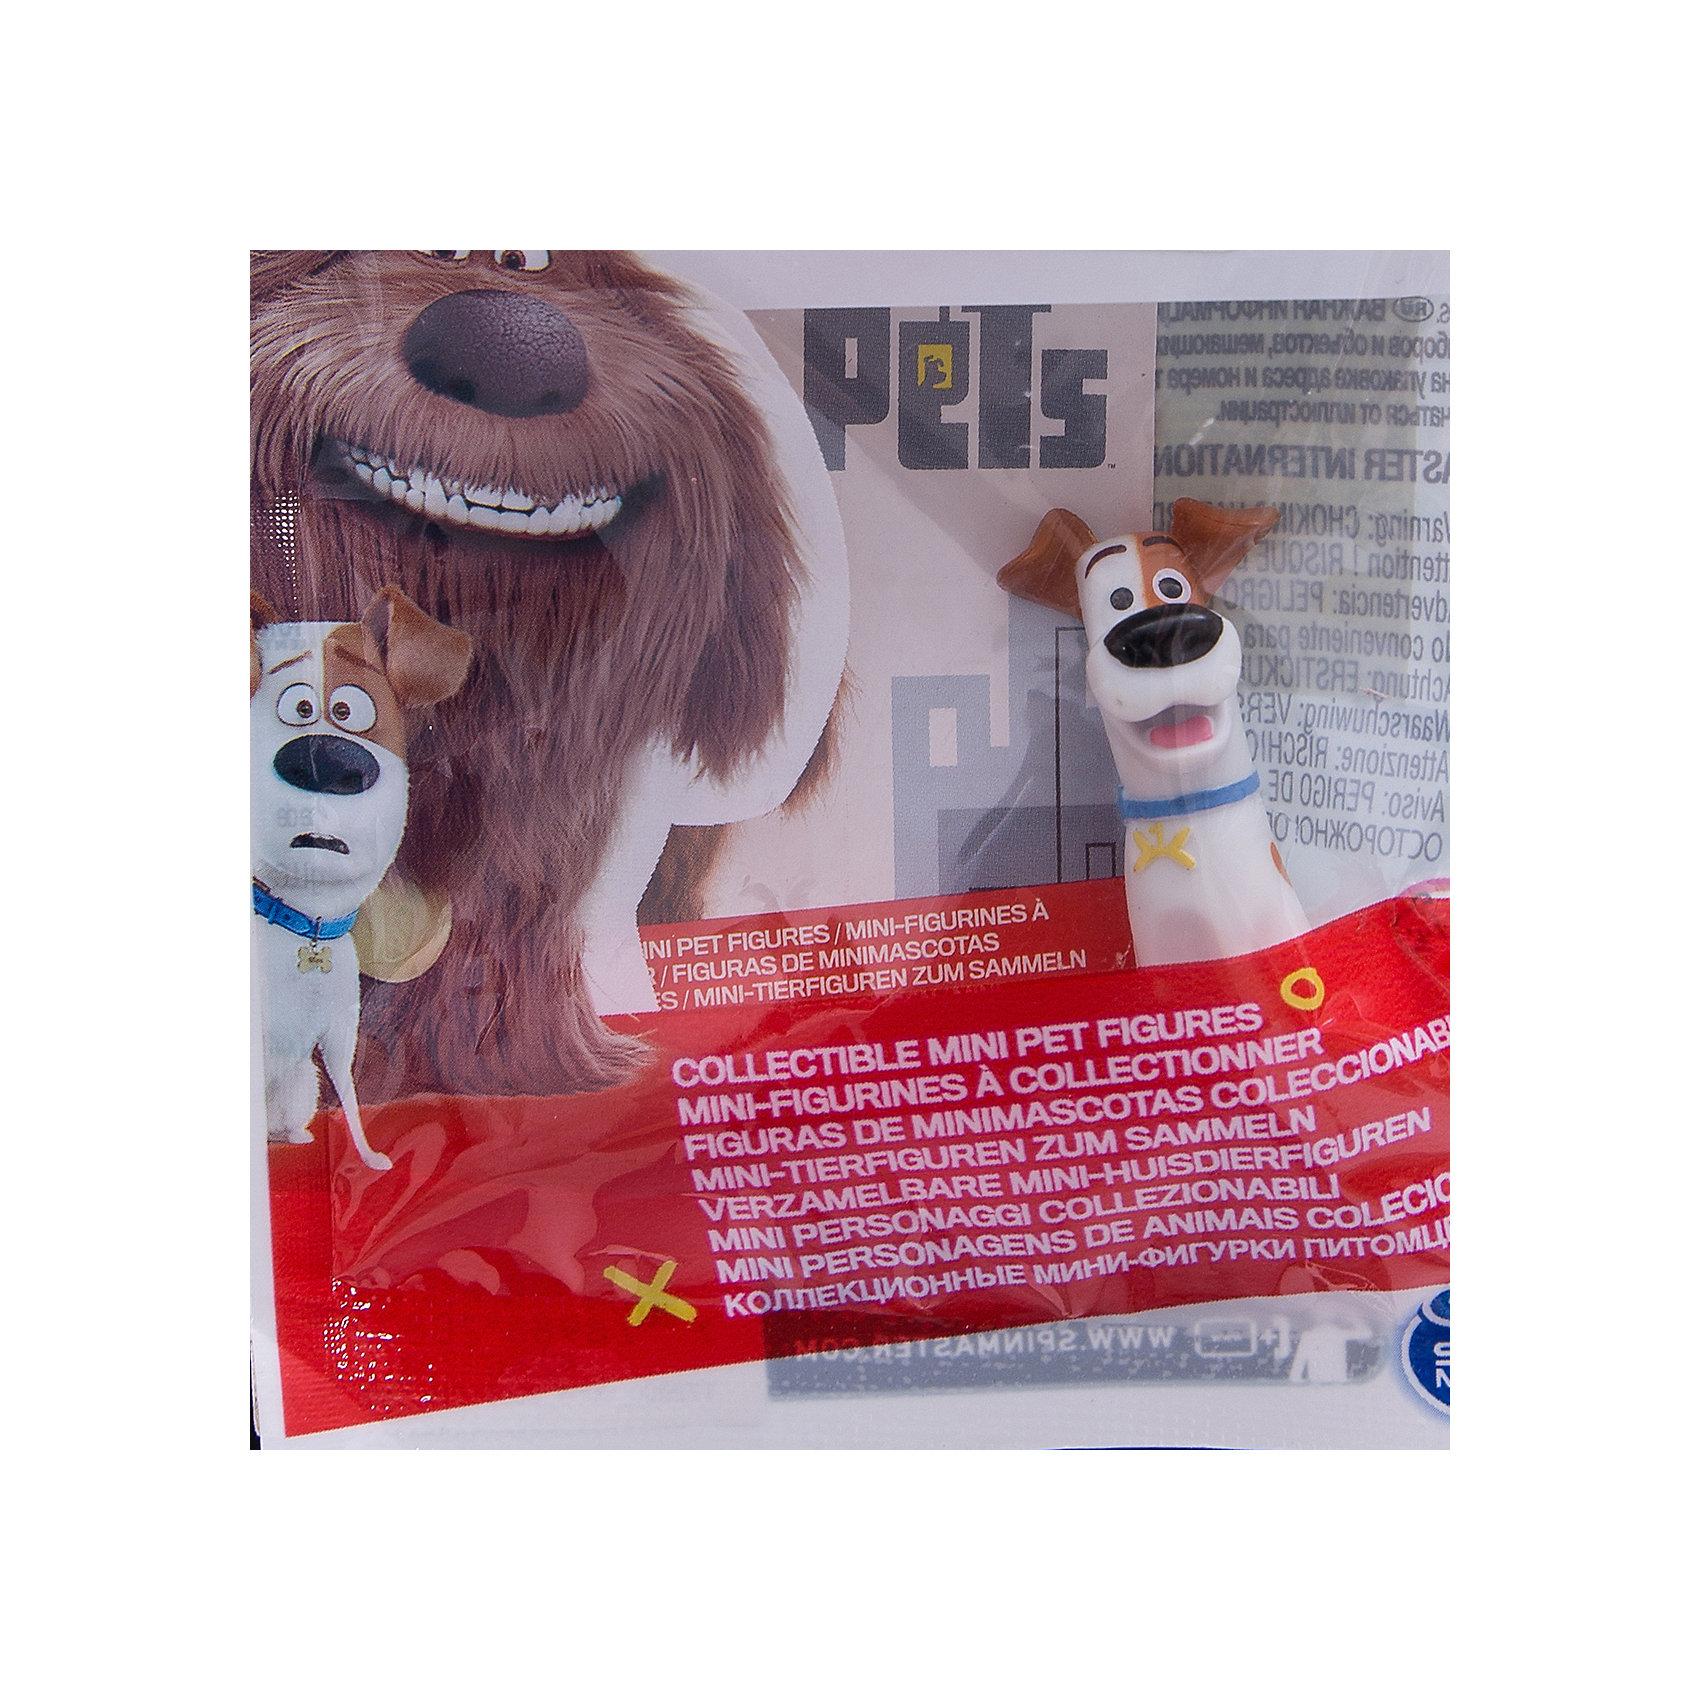 Мини-фигурка Пес Макс (с поднятой бровью), Тайная жизнь домашних животныхТайная жизнь домашних животных<br>Мини-фигурка Пес Макс (с поднятой бровью), Тайная жизнь домашних животных.<br><br>Характеристики:<br><br>- Материал: пластик<br>- Размер: 5 см.<br><br>Пластиковая мини-фигурка терьера Макса, выполненная по мотивам мультфильма «Тайная жизнь домашних животных», с точностью повторяет внешний вид анимационного героя, у нее характерные для персонажа поза и выражение мордашки. Одна бровь у Макса приподнята, что придет фигурке весьма забавный вид. Игрушка изготовлена из высококачественного приятного на ощупь пластика, детально проработана, очень аккуратно окрашена, не имеет подвижных частей. С фигуркой можно придумывать разнообразные сюжеты и истории, либо использовать в качестве декорирования комнаты, начав собирать полную коллекцию героев мультфильма.<br><br>Мини-фигурку Пса Макса (с поднятой бровью), Тайная жизнь домашних животных можно купить в нашем интернет-магазине.<br><br>Ширина мм: 95<br>Глубина мм: 145<br>Высота мм: 20<br>Вес г: 25<br>Возраст от месяцев: 36<br>Возраст до месяцев: 144<br>Пол: Унисекс<br>Возраст: Детский<br>SKU: 4905841